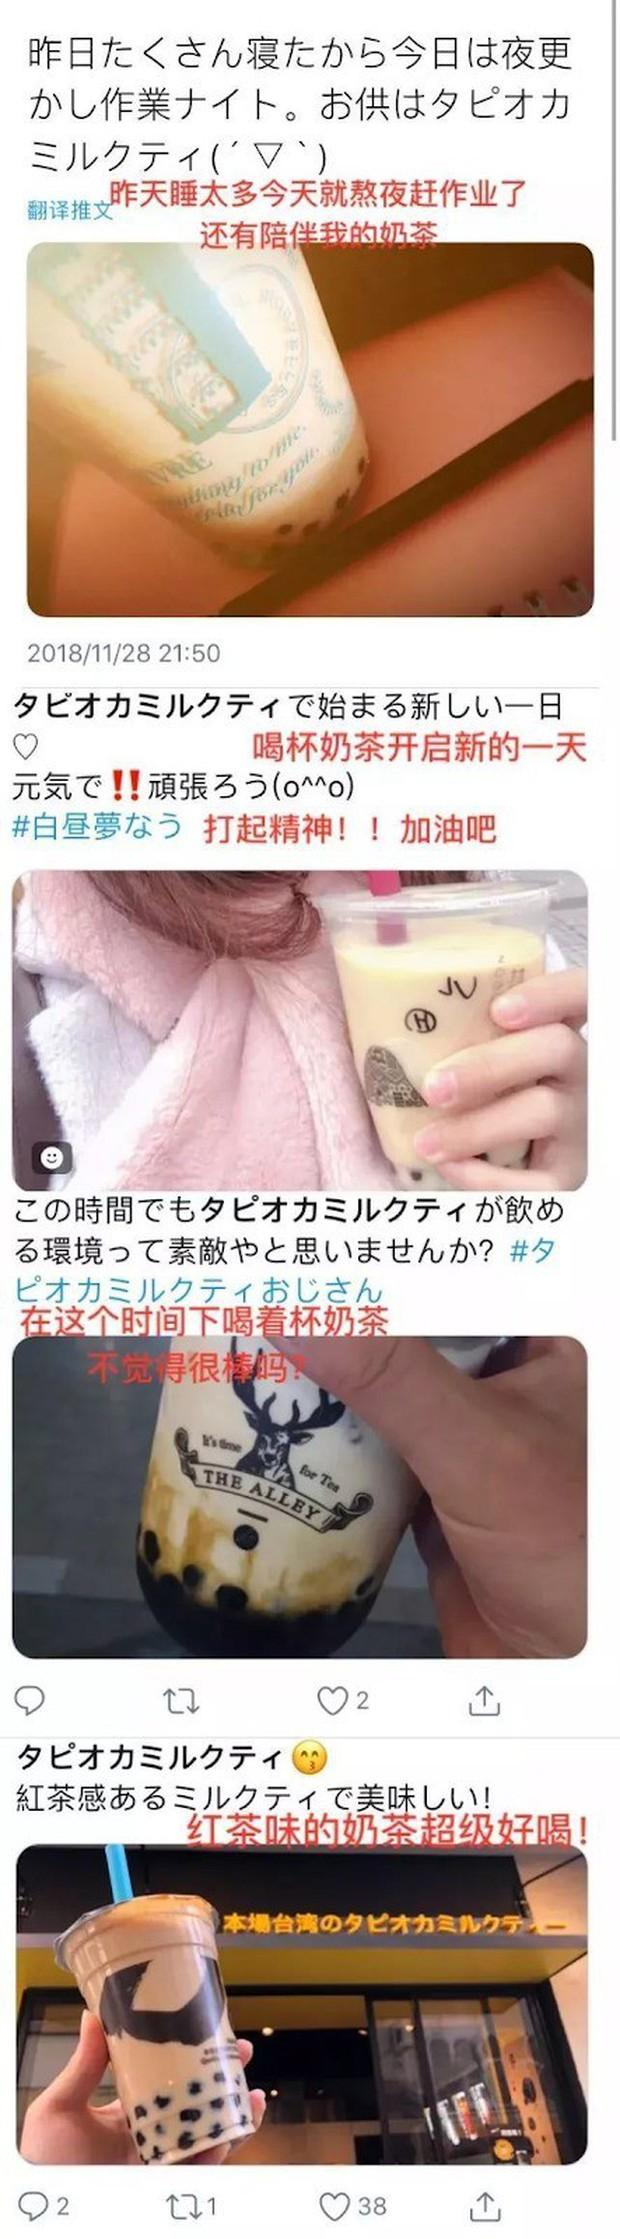 Cơn lốc trà sữa khuynh đảo Nhật Bản: Bùng phát trở lại sau hơn 20 năm vắng bóng, giới trẻ cuồng trân châu đến độ sáng tạo ra 1001 biến tấu - Ảnh 2.